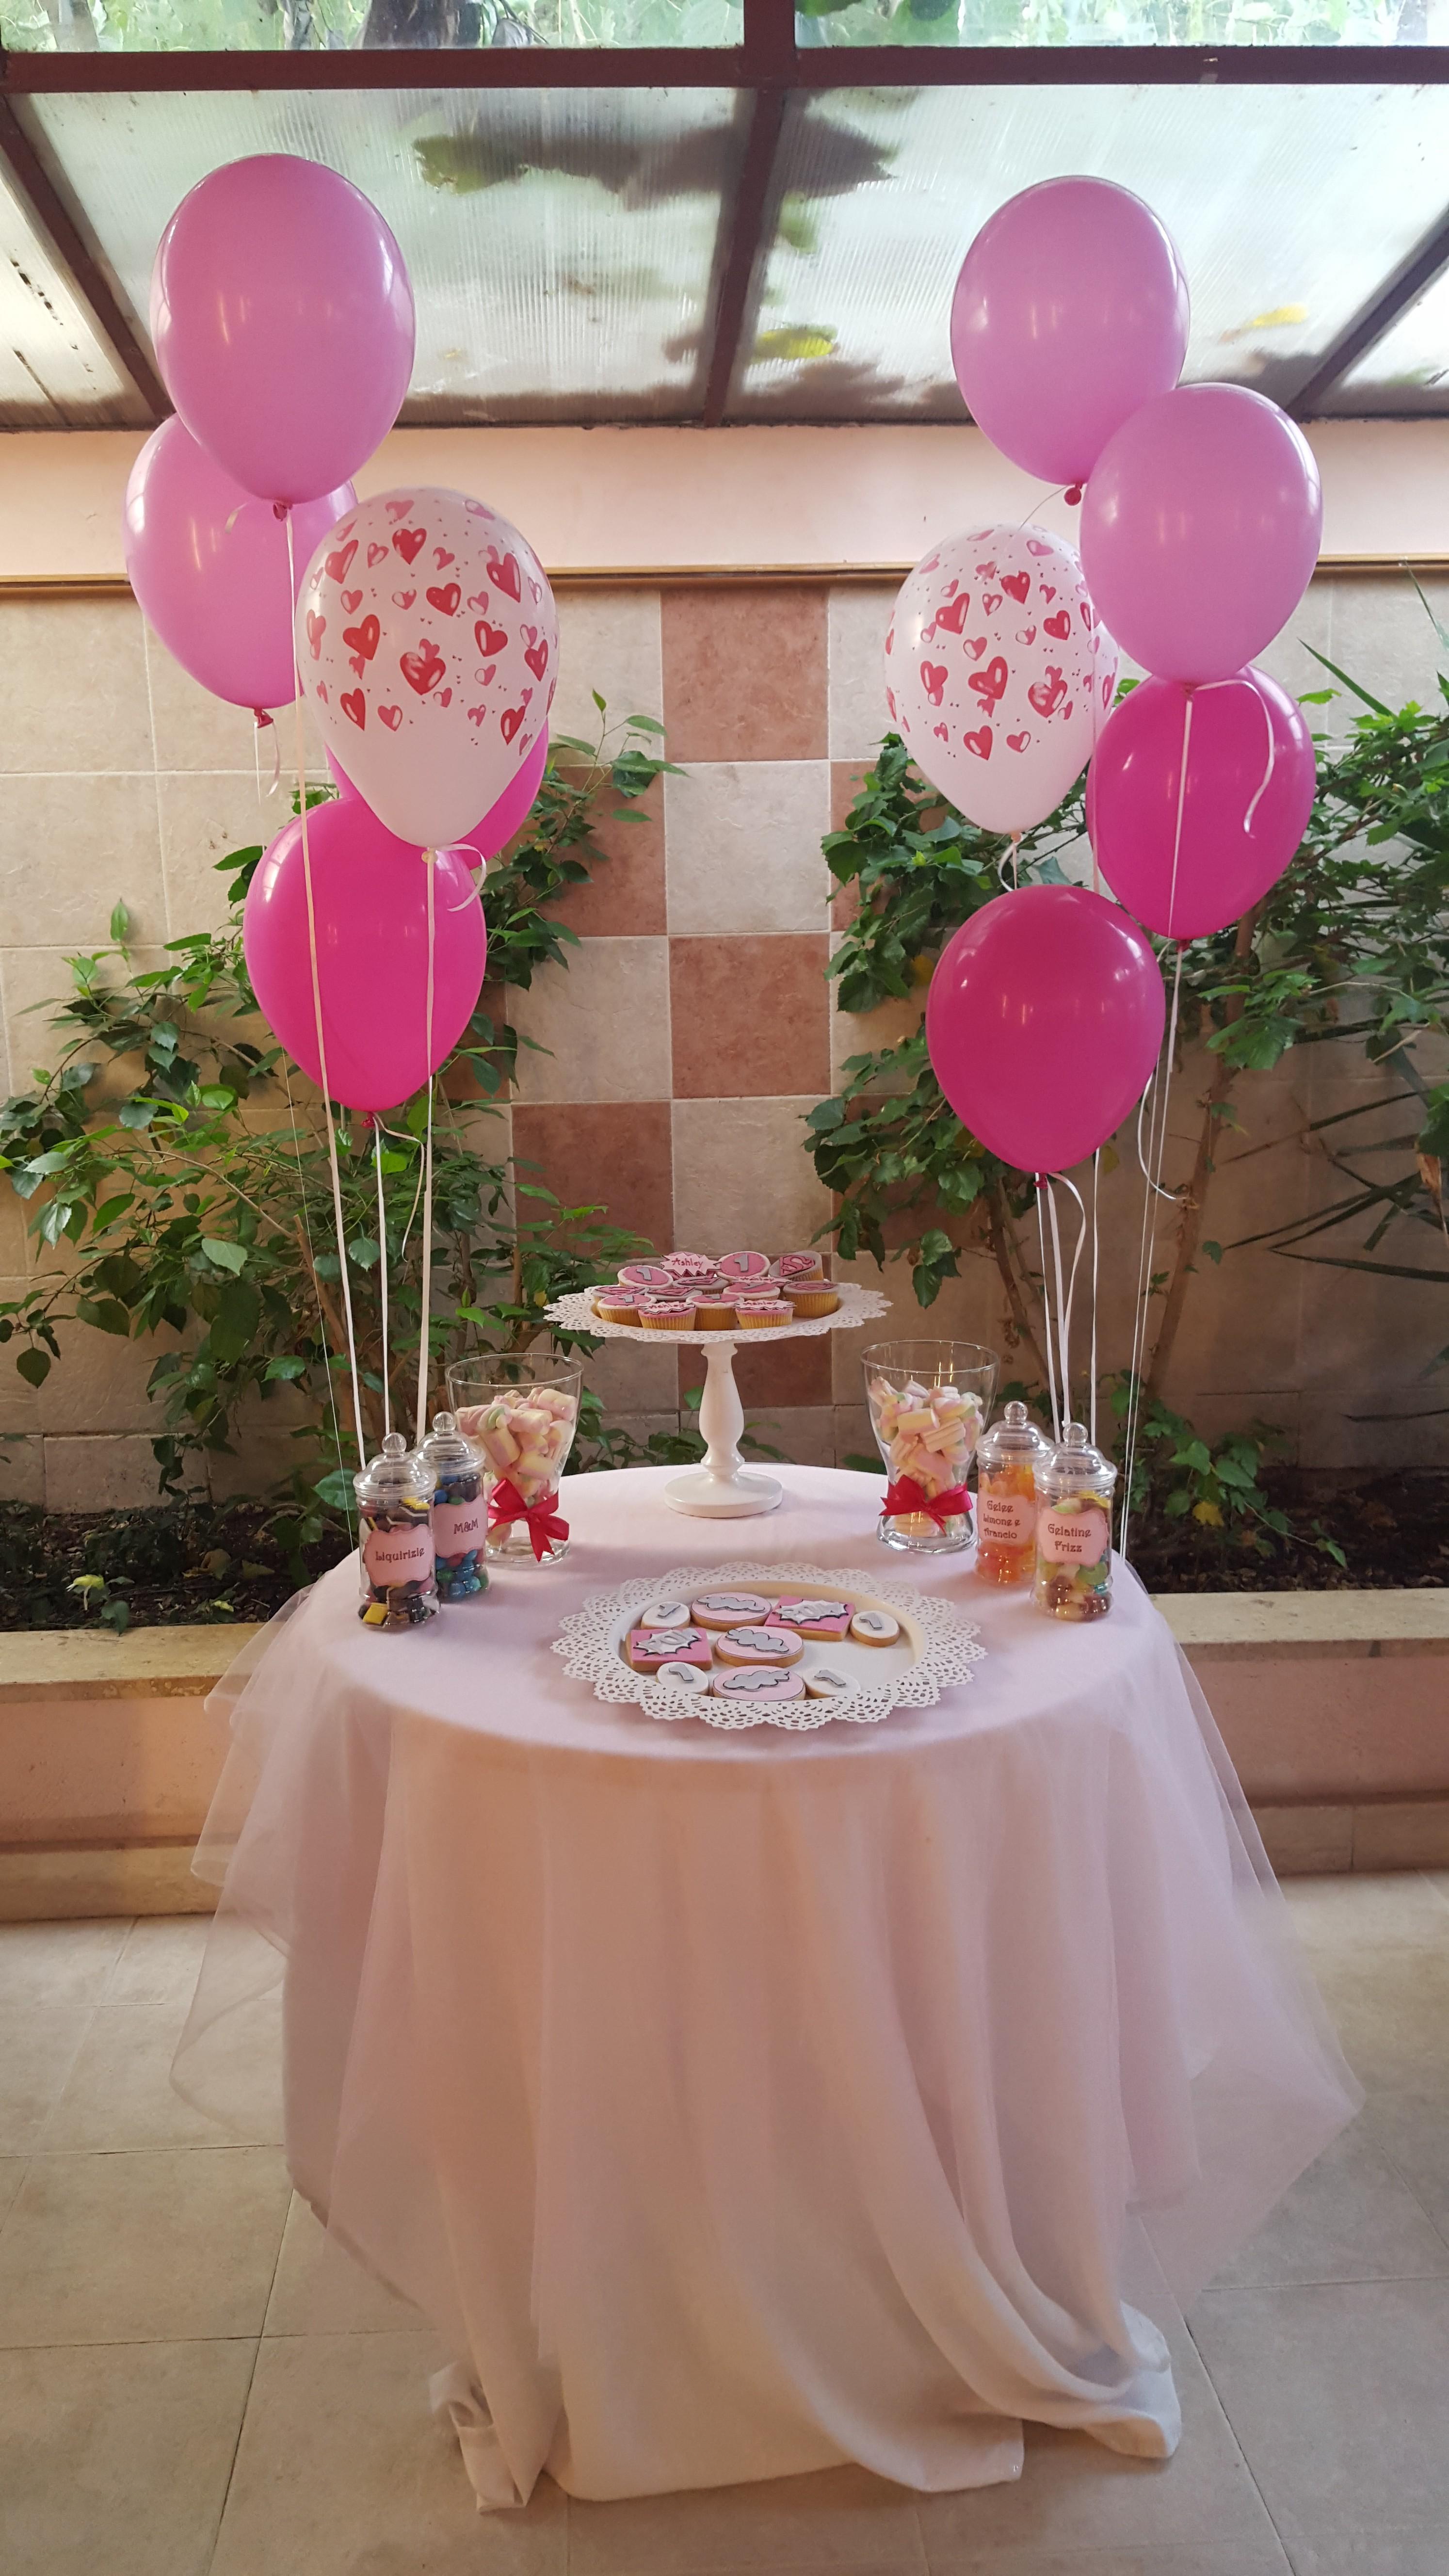 Compleanno bimba 1 anno nu32 regardsdefemmes for Decorazioni compleanno bimba